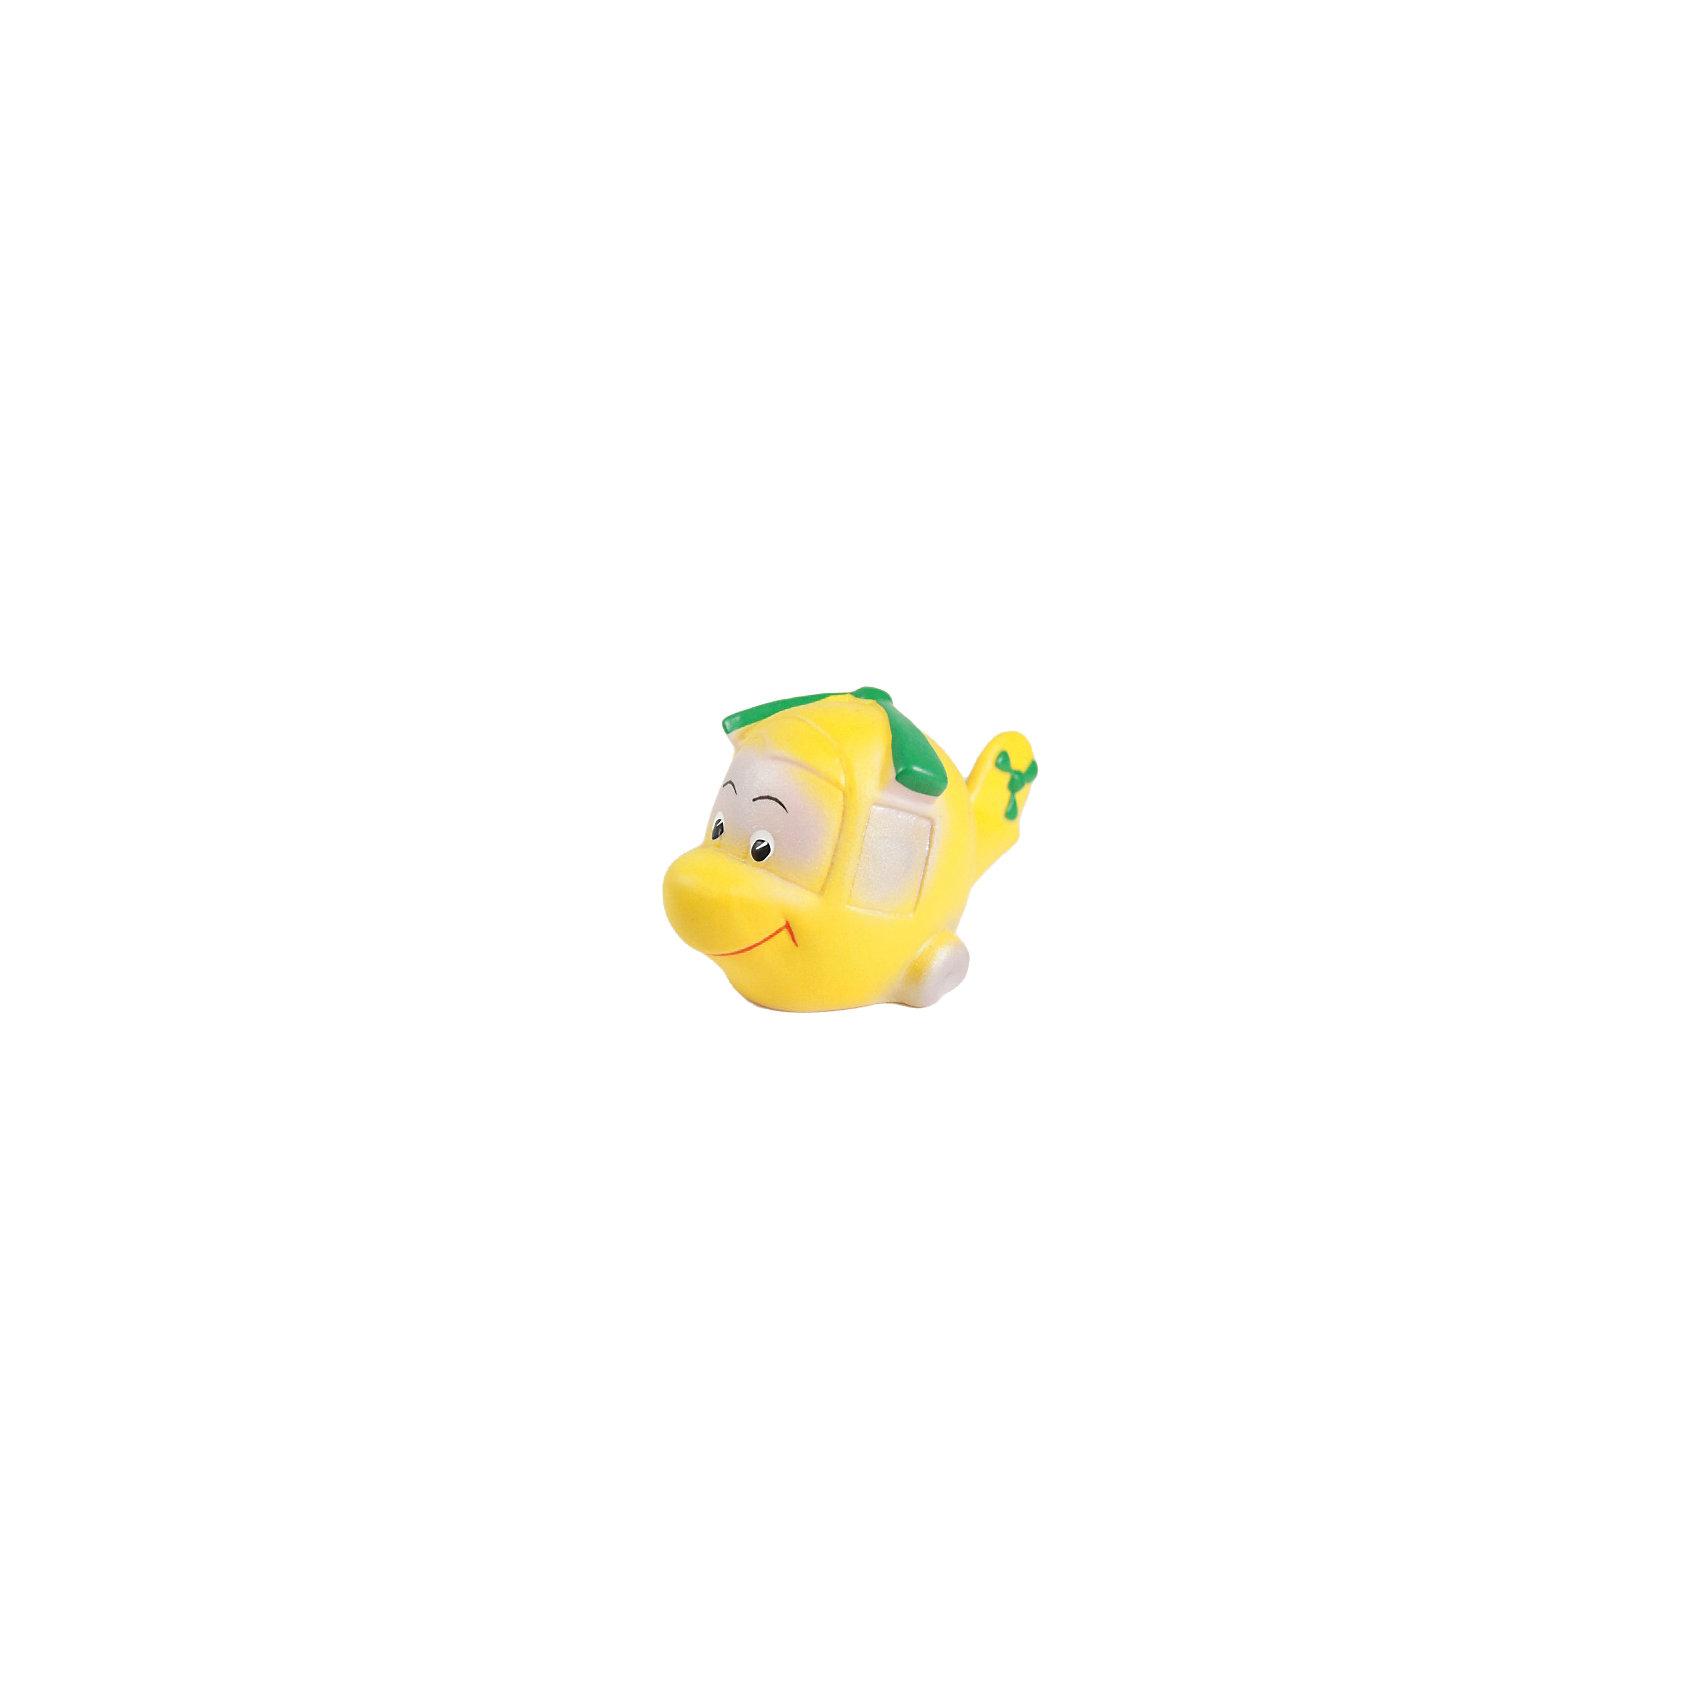 Вертолетик, КудесникиВертолетик, Кудесники<br><br>Характеристики:<br><br>• Материал: ПВХ.<br>• Размер: 7 см.<br><br>Отличная игрушка из мягкого ПВХ надолго займет внимание вашего малыша. Эта игрушка поможет малышу при прорезывании зубов, поможет развивать моторику рук, знакомить с формой, цветом, образами также с ней можно забавно поиграть в ванной. Яркий образ вертолетика поможет ребенку придумывать различные сюжетно-ролевые игры.<br><br>Вертолетик, Кудесники, можно купить в нашем интернет – магазине.<br><br>Ширина мм: 70<br>Глубина мм: 30<br>Высота мм: 70<br>Вес г: 60<br>Возраст от месяцев: 12<br>Возраст до месяцев: 36<br>Пол: Унисекс<br>Возраст: Детский<br>SKU: 4896462